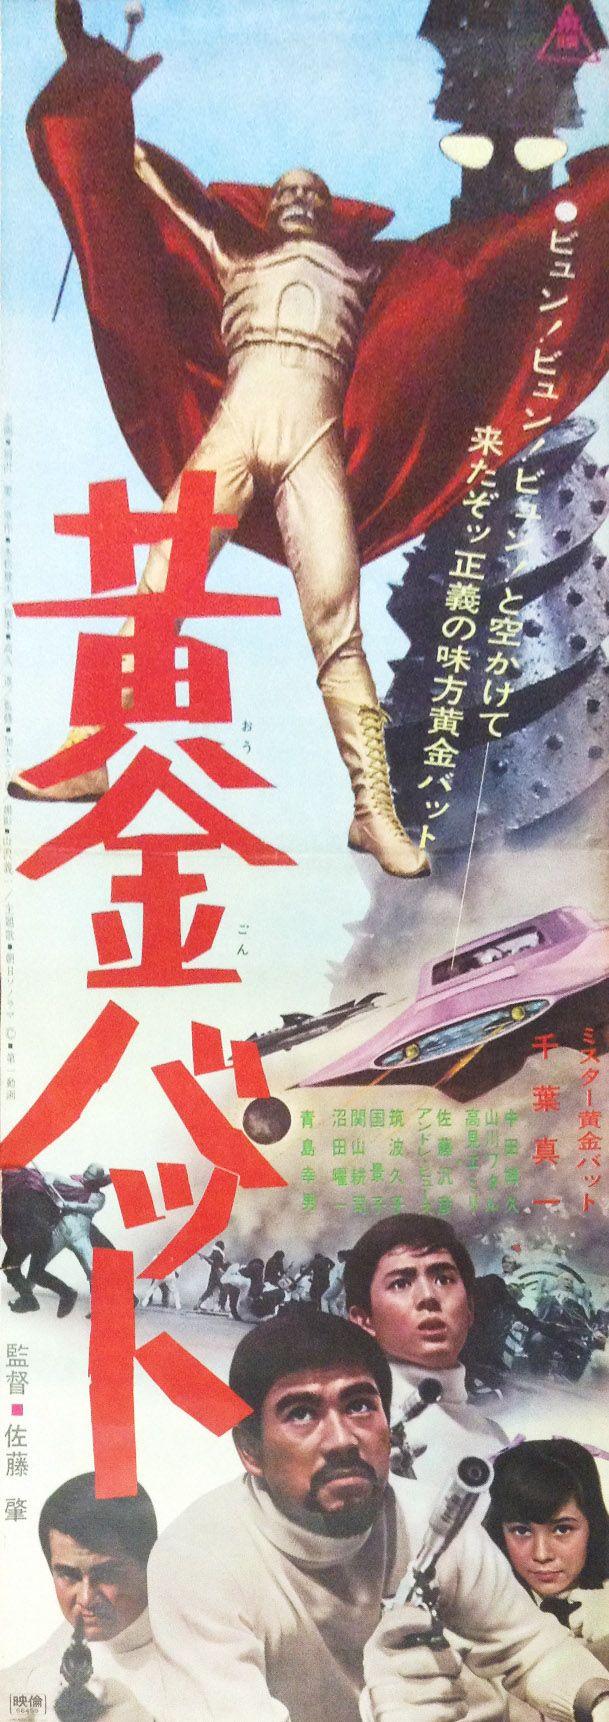 黄金バット 1966年 東映 千葉真一